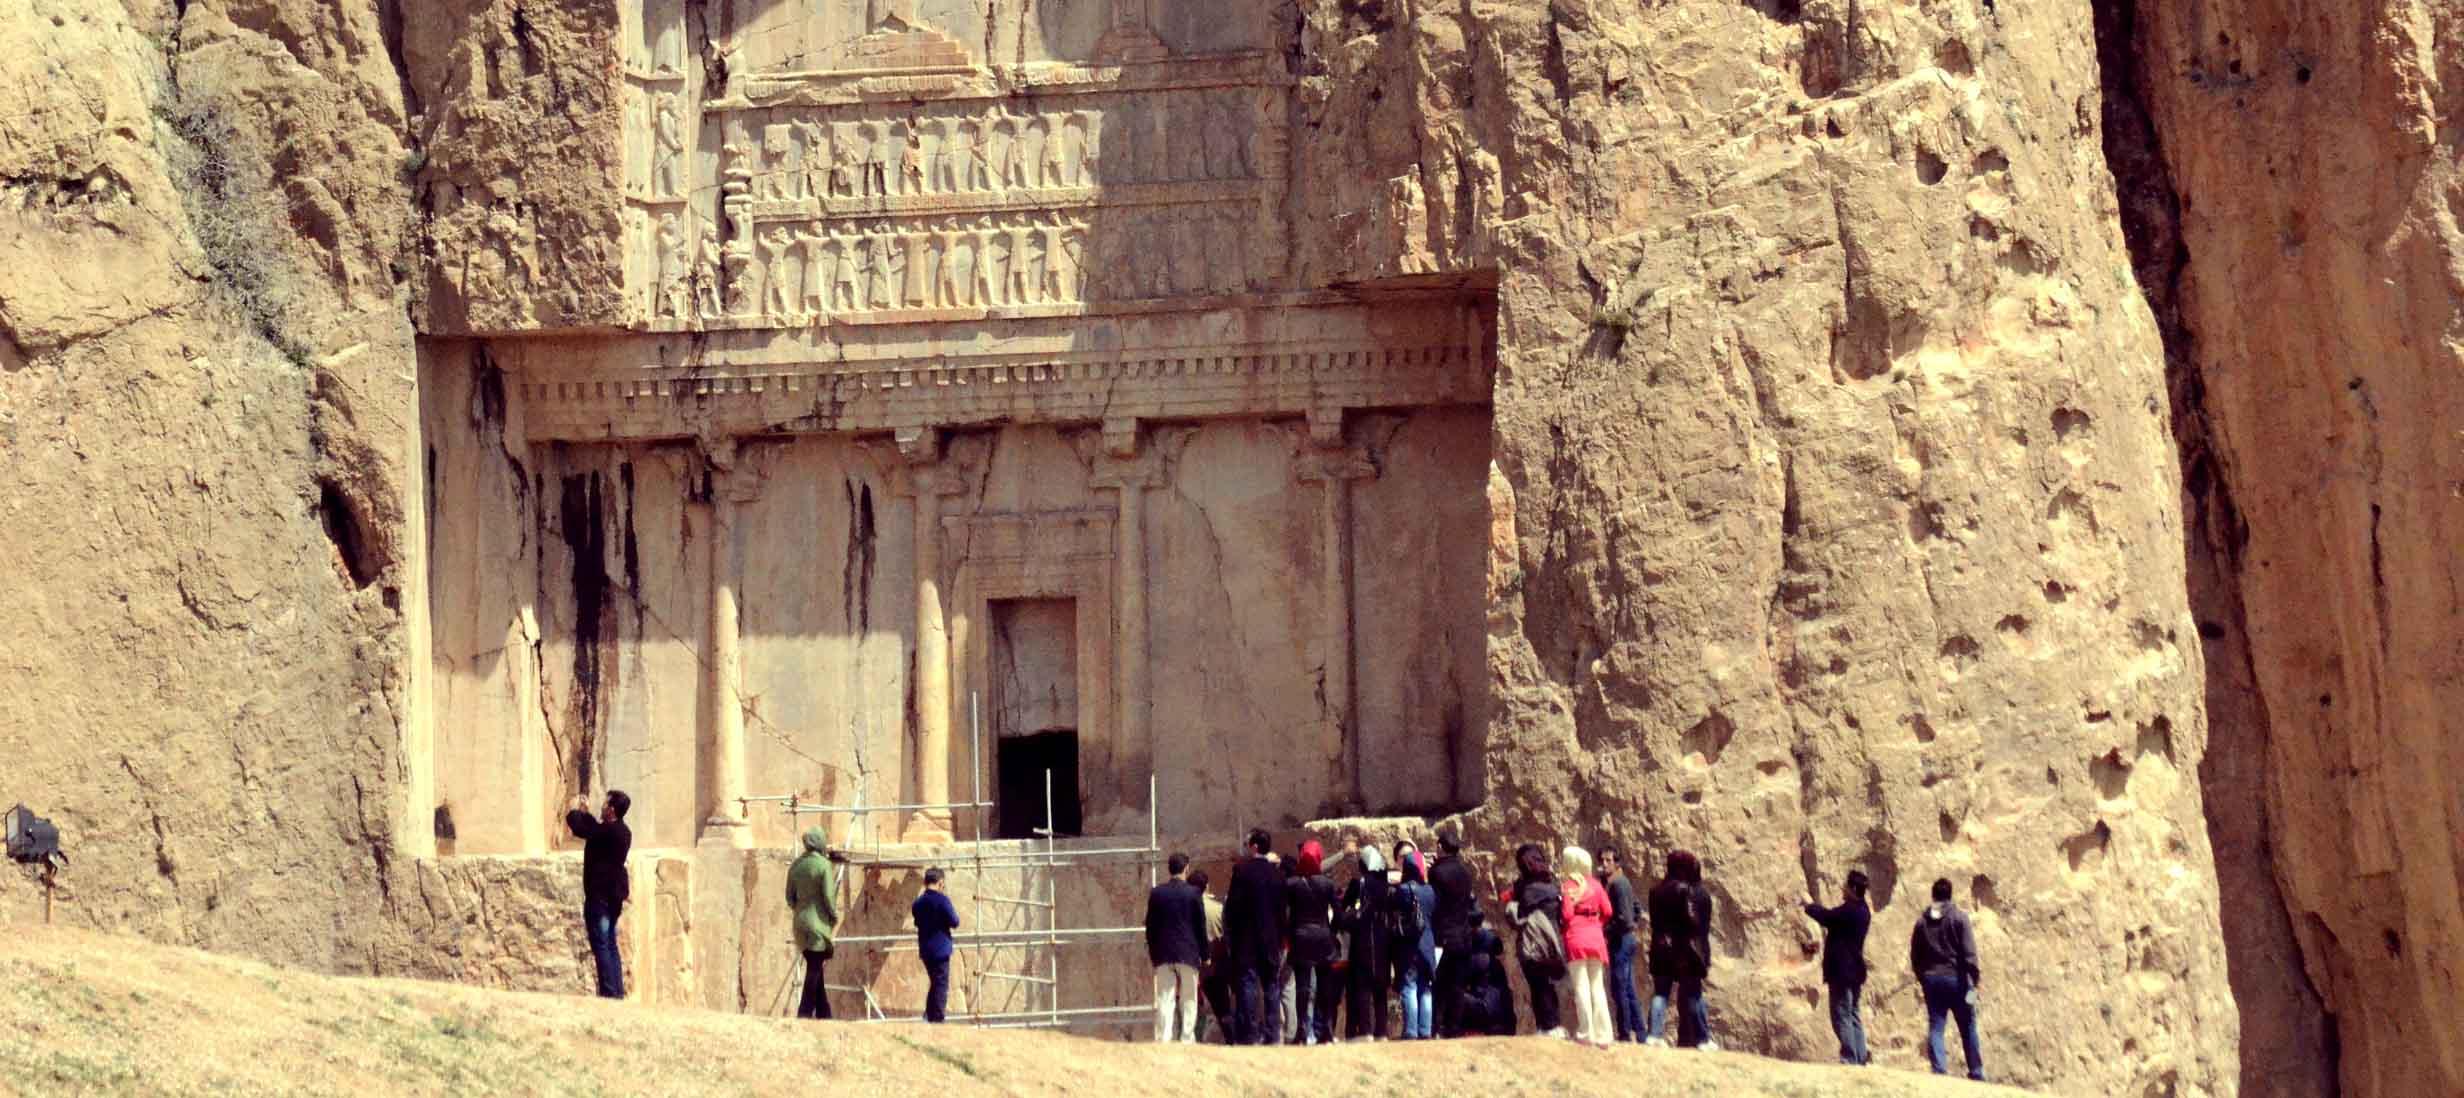 اظهارات غیرکارشناسی صنعت گردشگری را دچار مشکل میکند